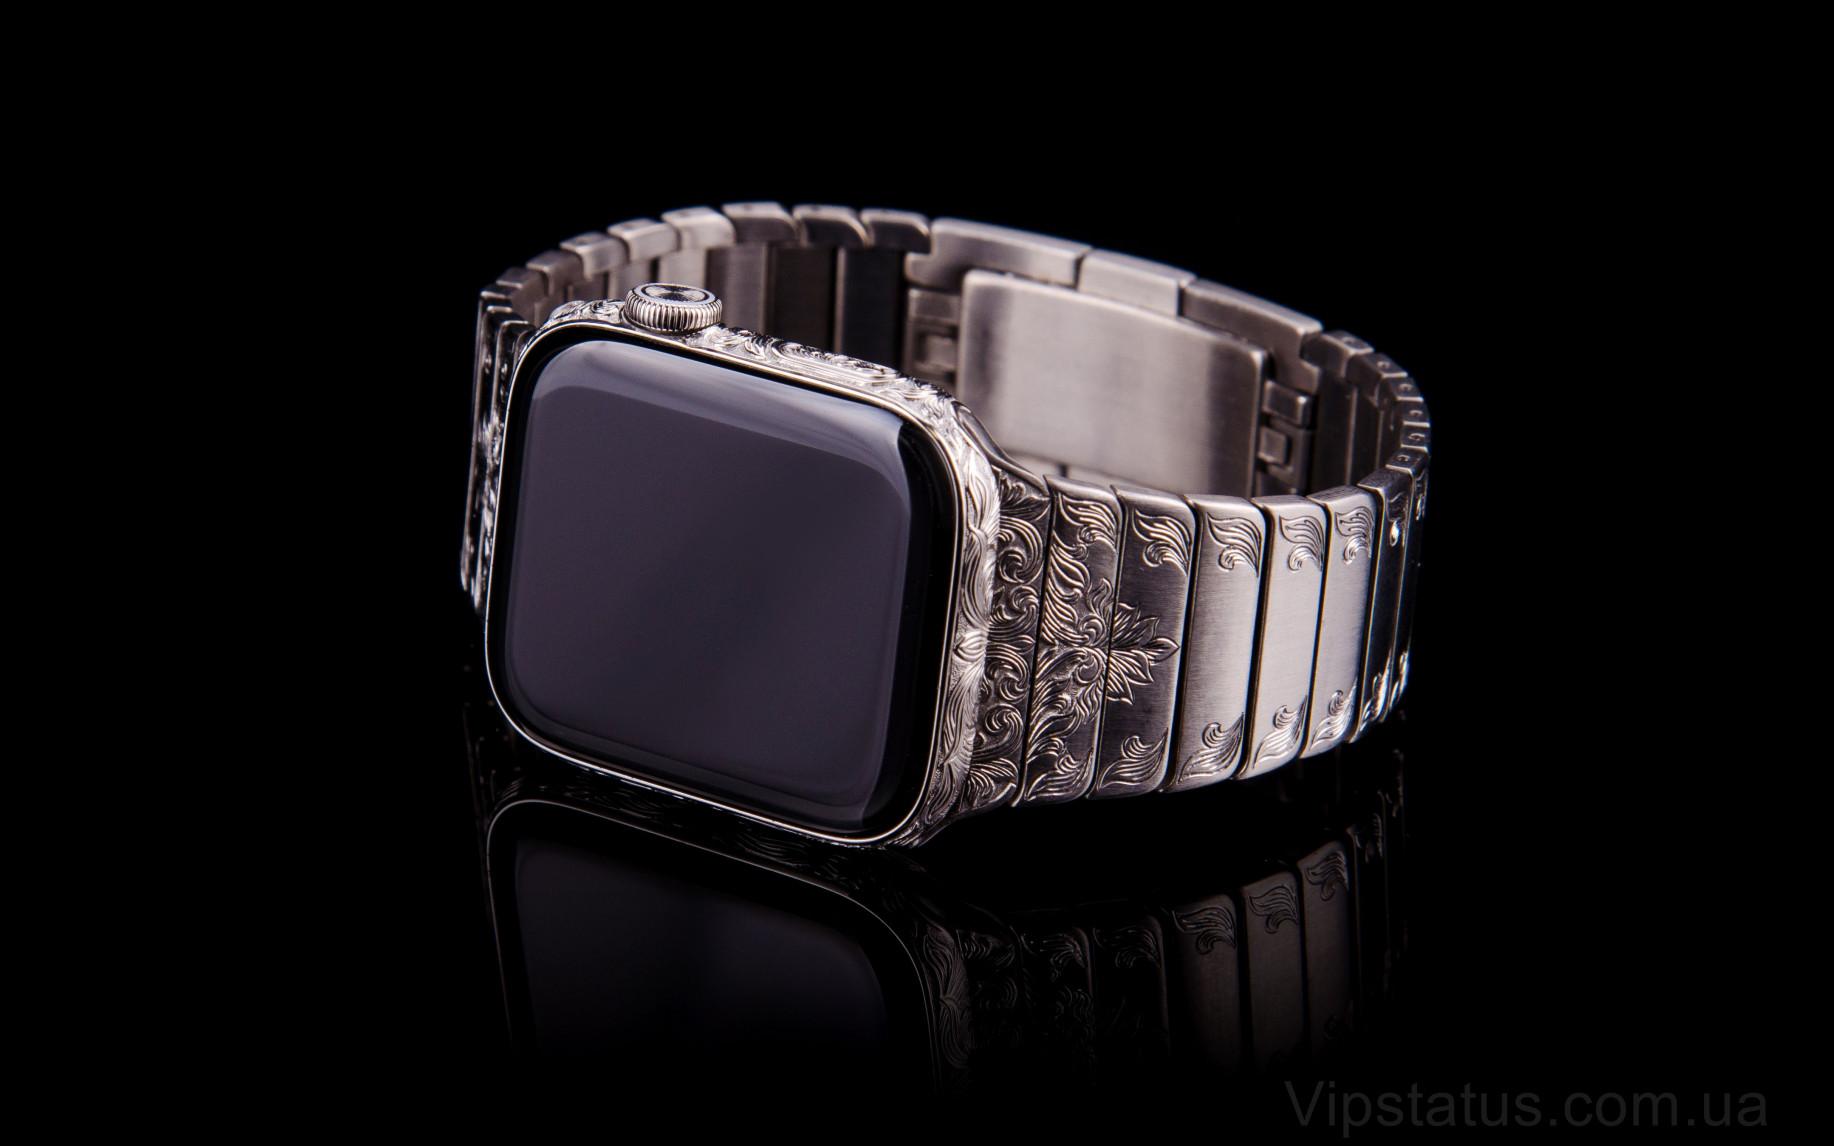 Elite Platinum Star Apple Watch 5 Platinum Star Apple Watch 5 image 3